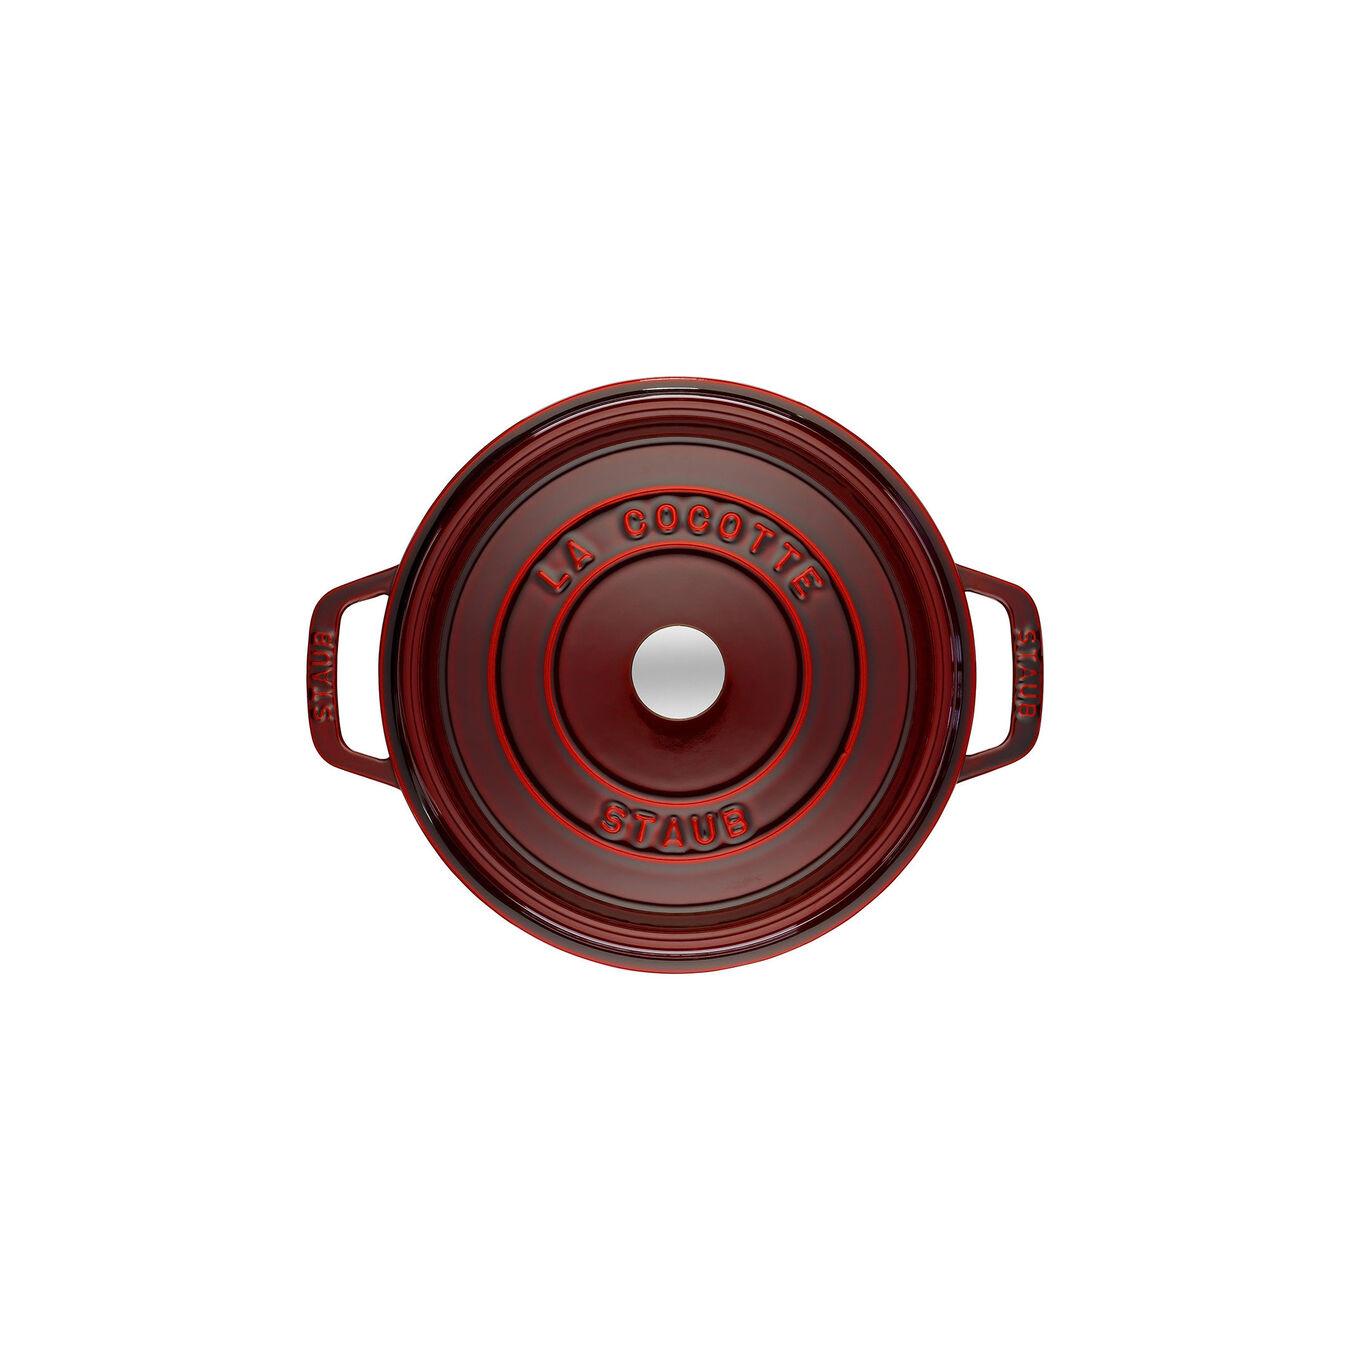 Döküm Tencere, 22 cm | Bordo | Yuvarlak | Döküm Demir,,large 2